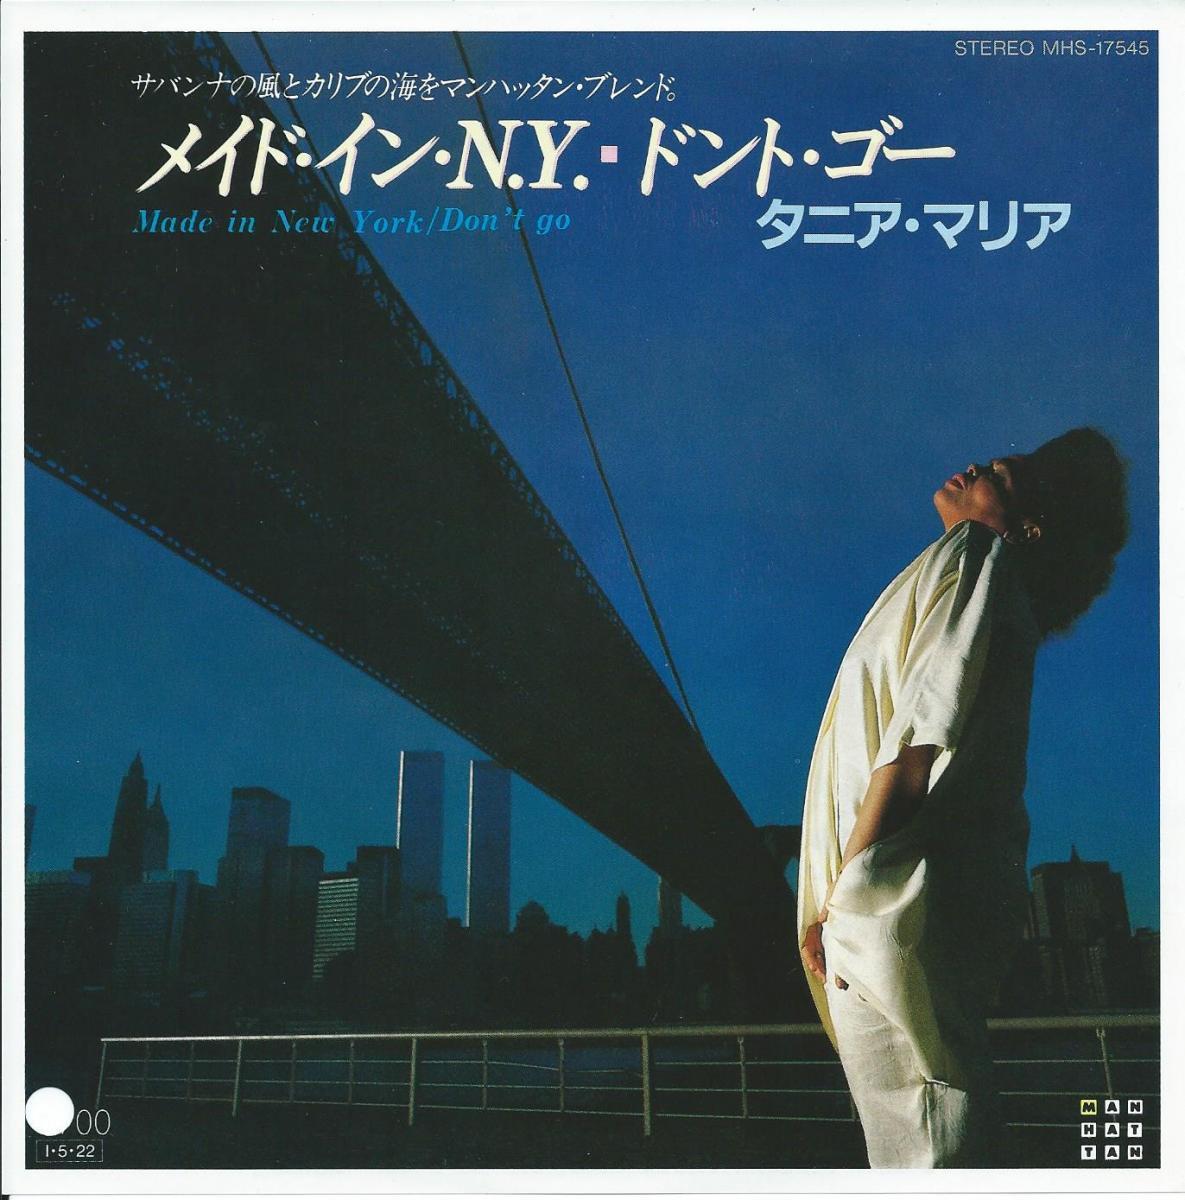 タニア・マリア TANIA MARIA / メイド・イン・N.Y. MADE IN NEW YORK (7